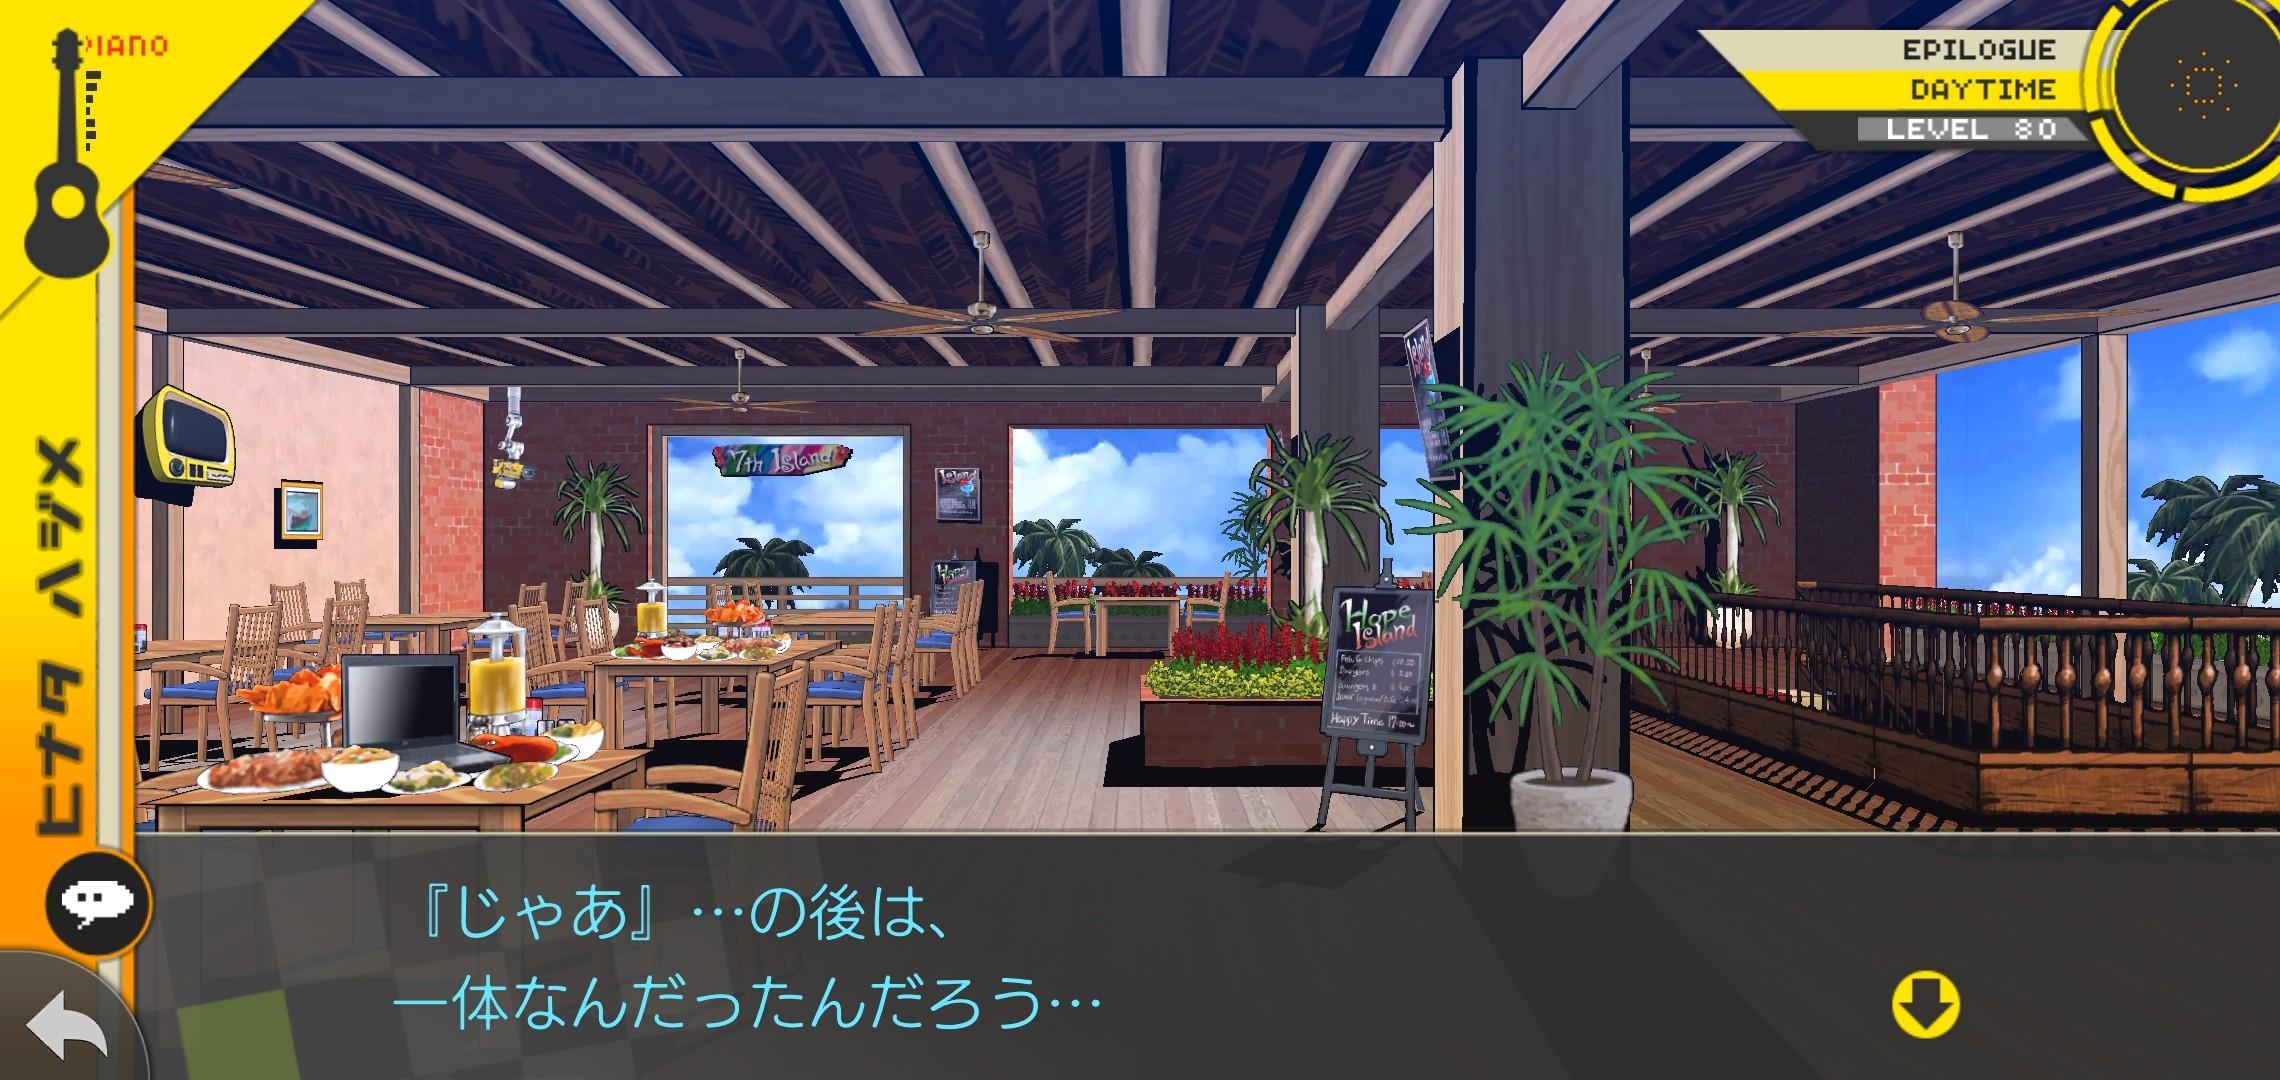 f:id:Rinburu:20201207235247j:plain